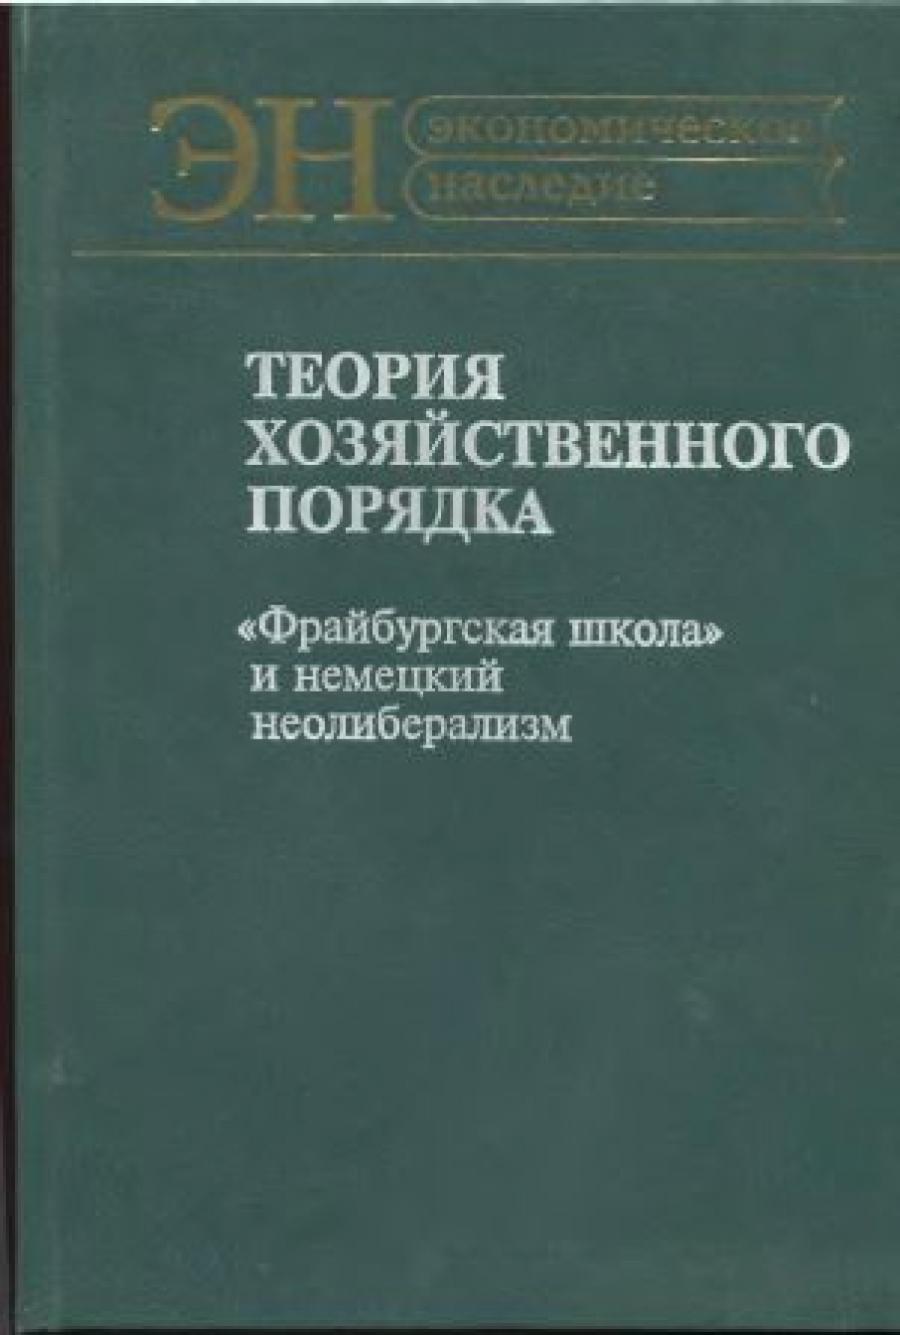 Обложка книги:  гутник в. - теория хозяйственного порядка. фрайбургская школа и немецкий неолиберализм